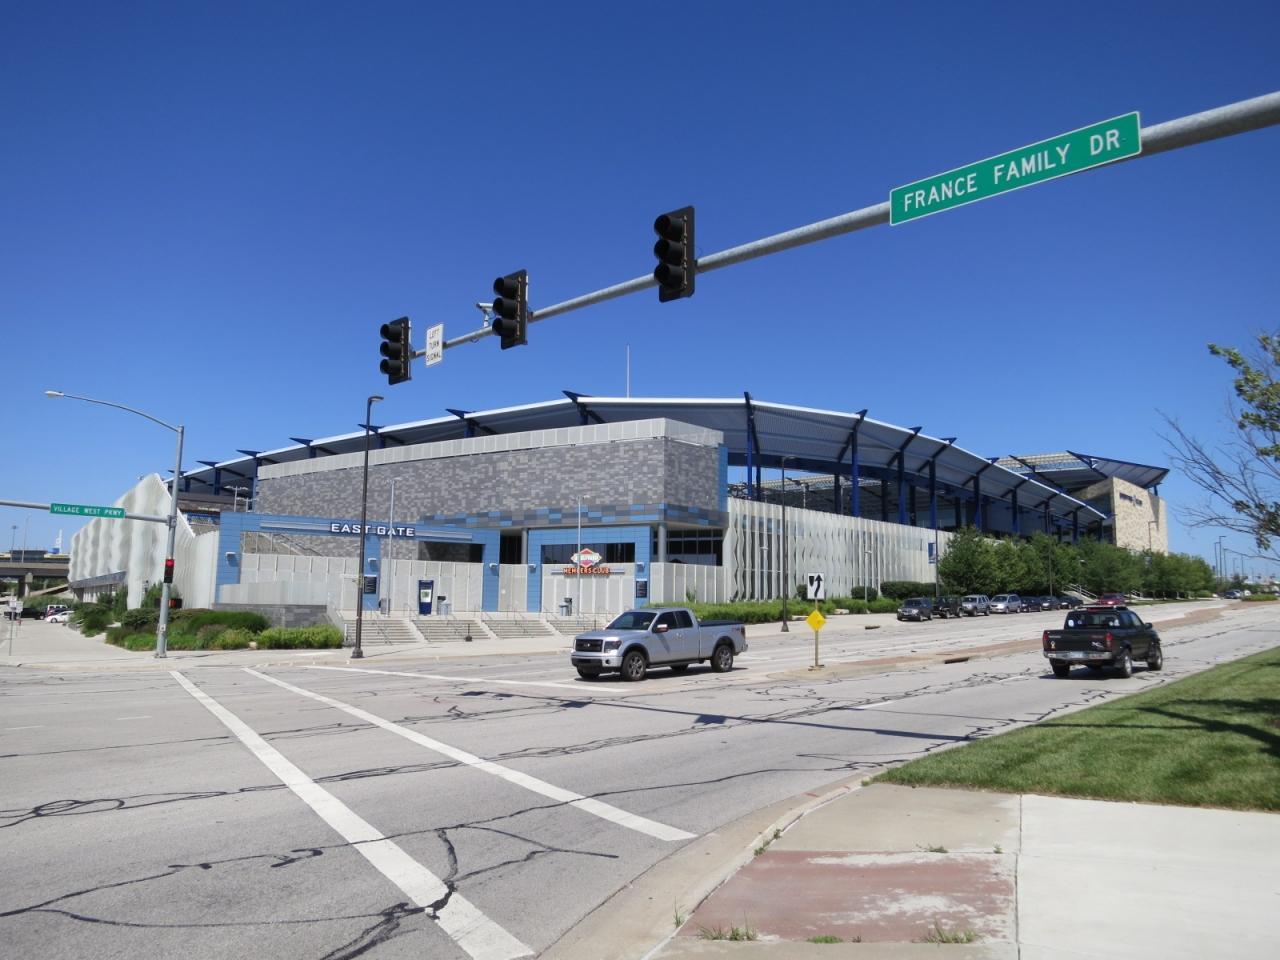 2015カンザスシティMLS&MLB観戦の旅(その1・MLSスポルティング・カンザスシティ編)